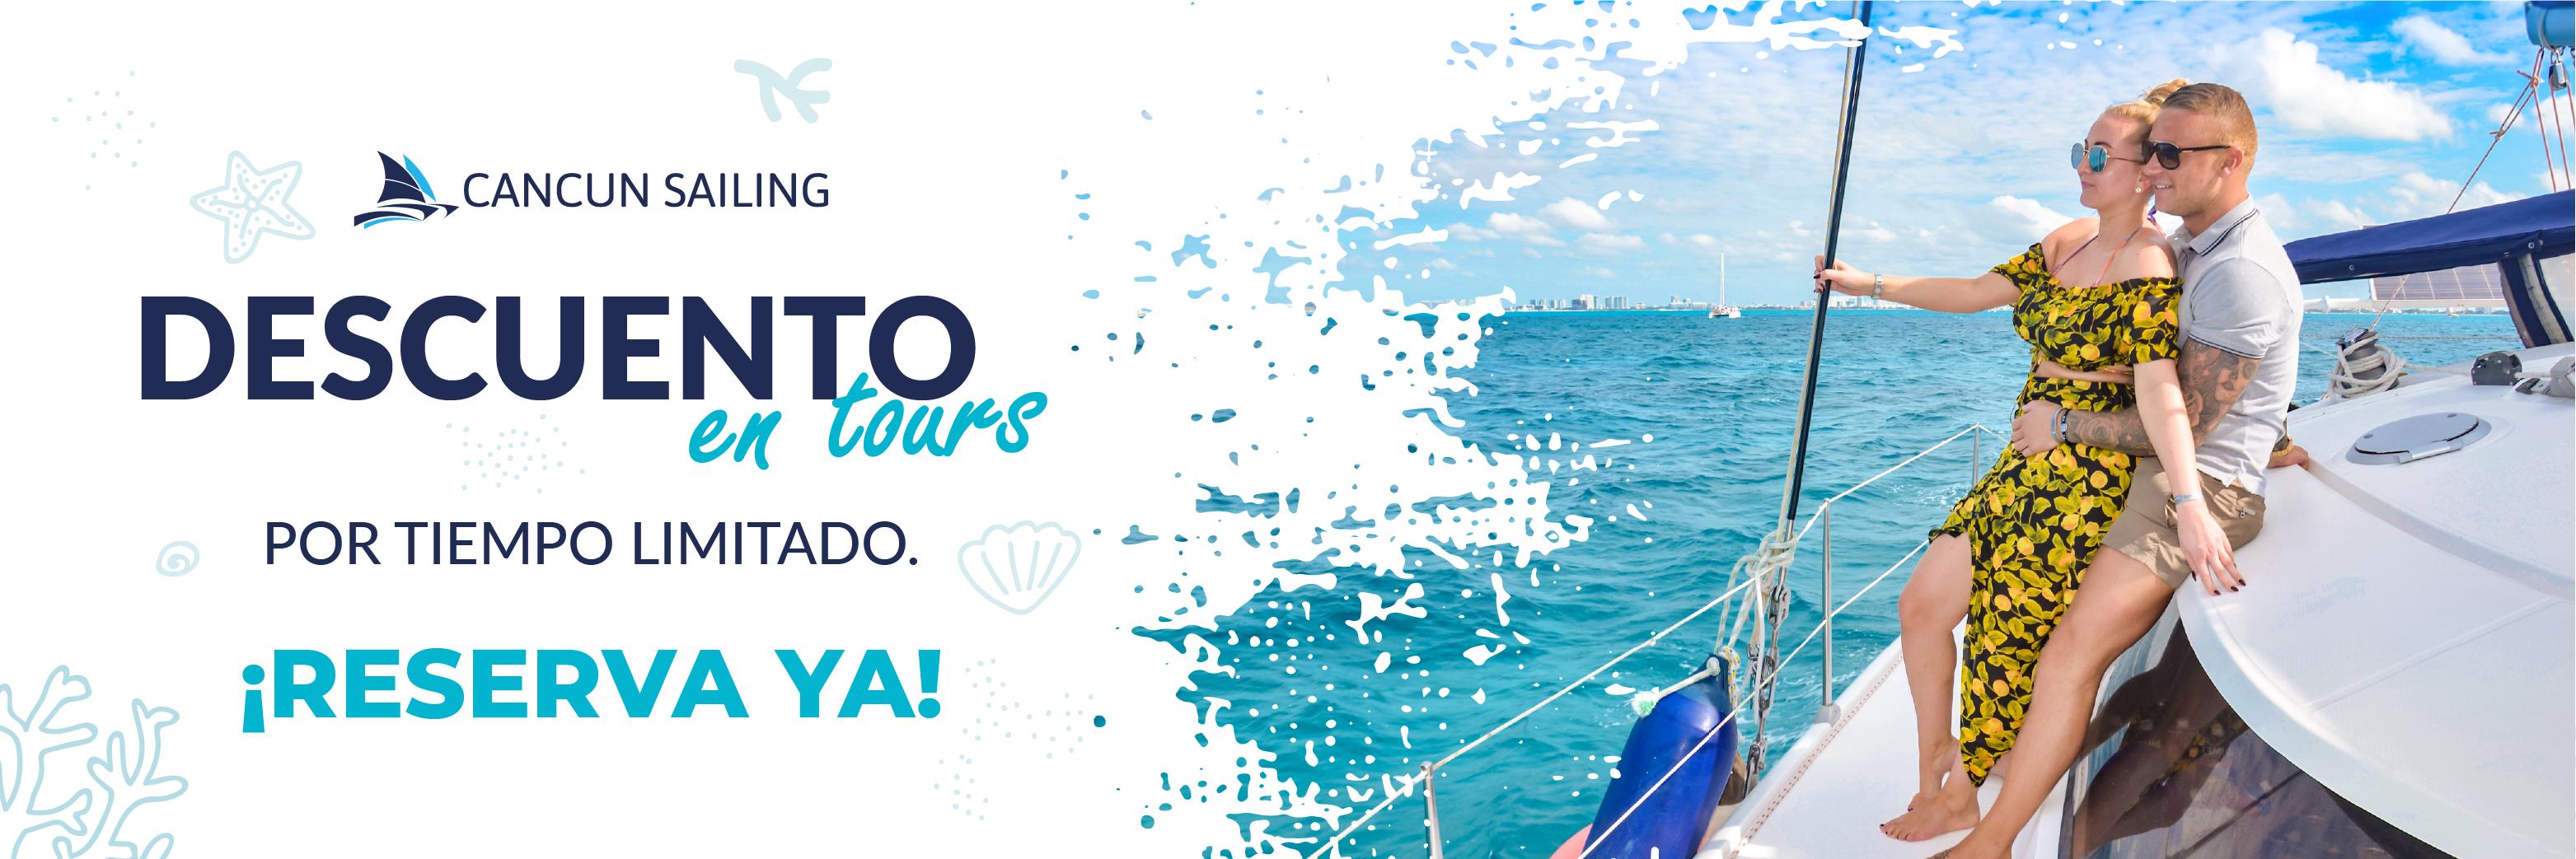 descuentos-tours-cancun-sailing